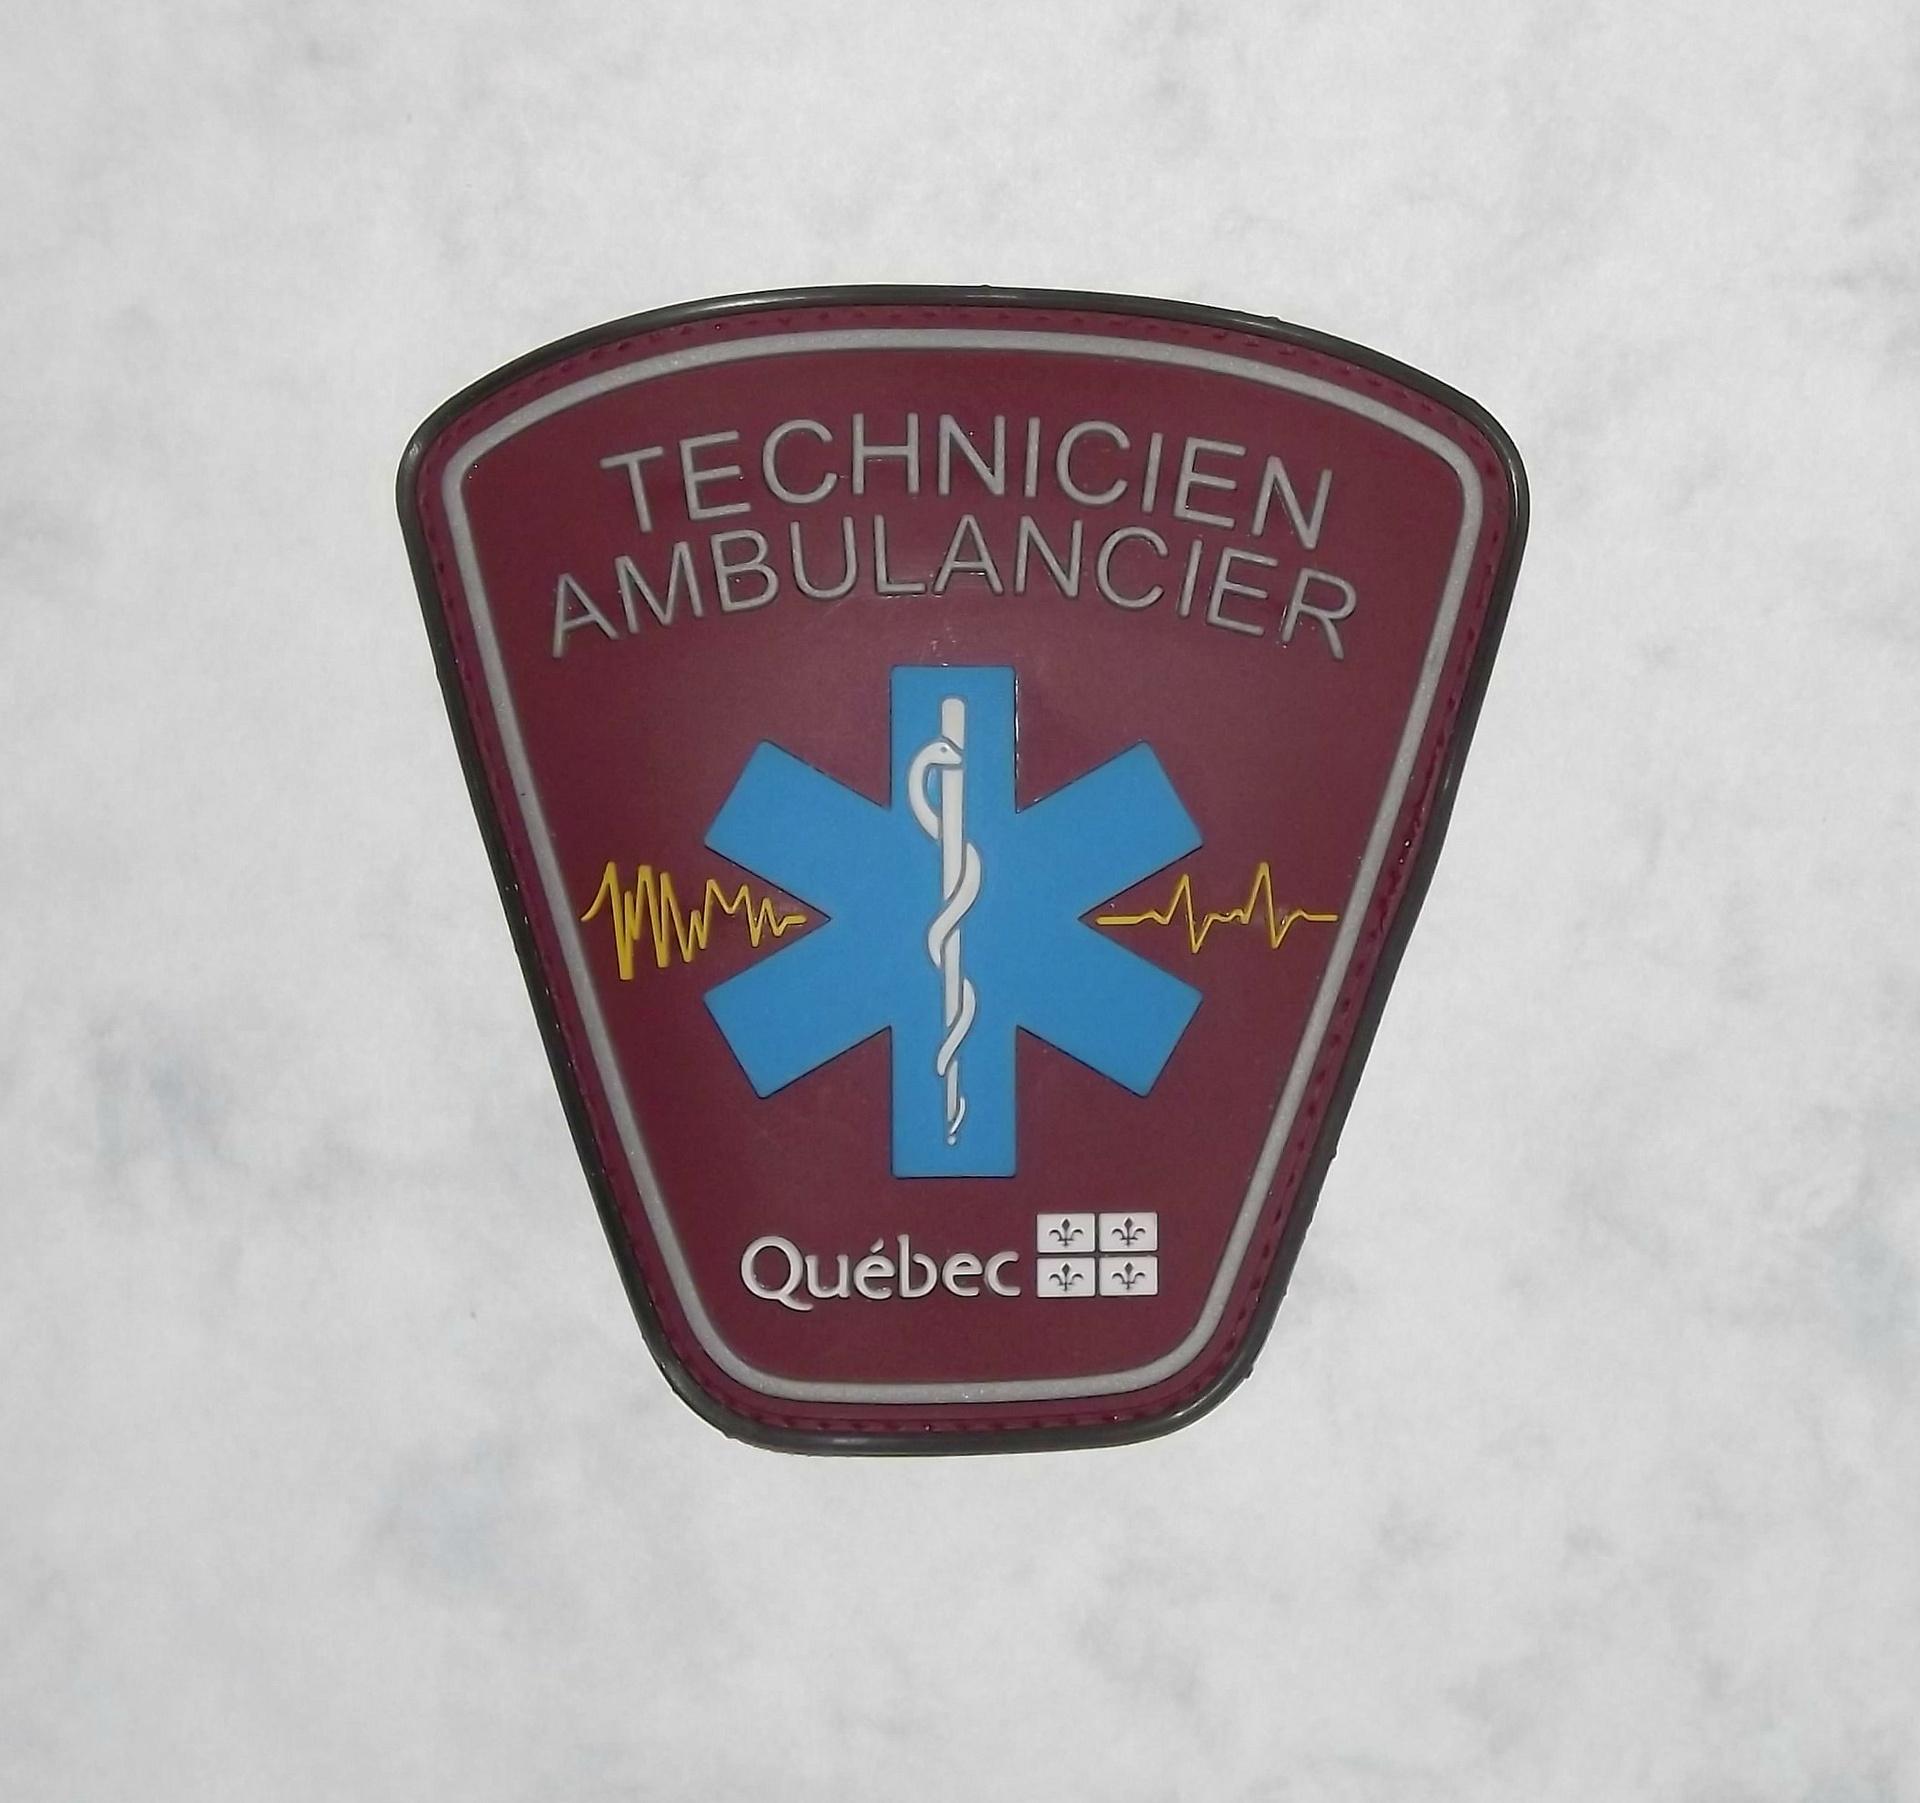 Quebec EMS